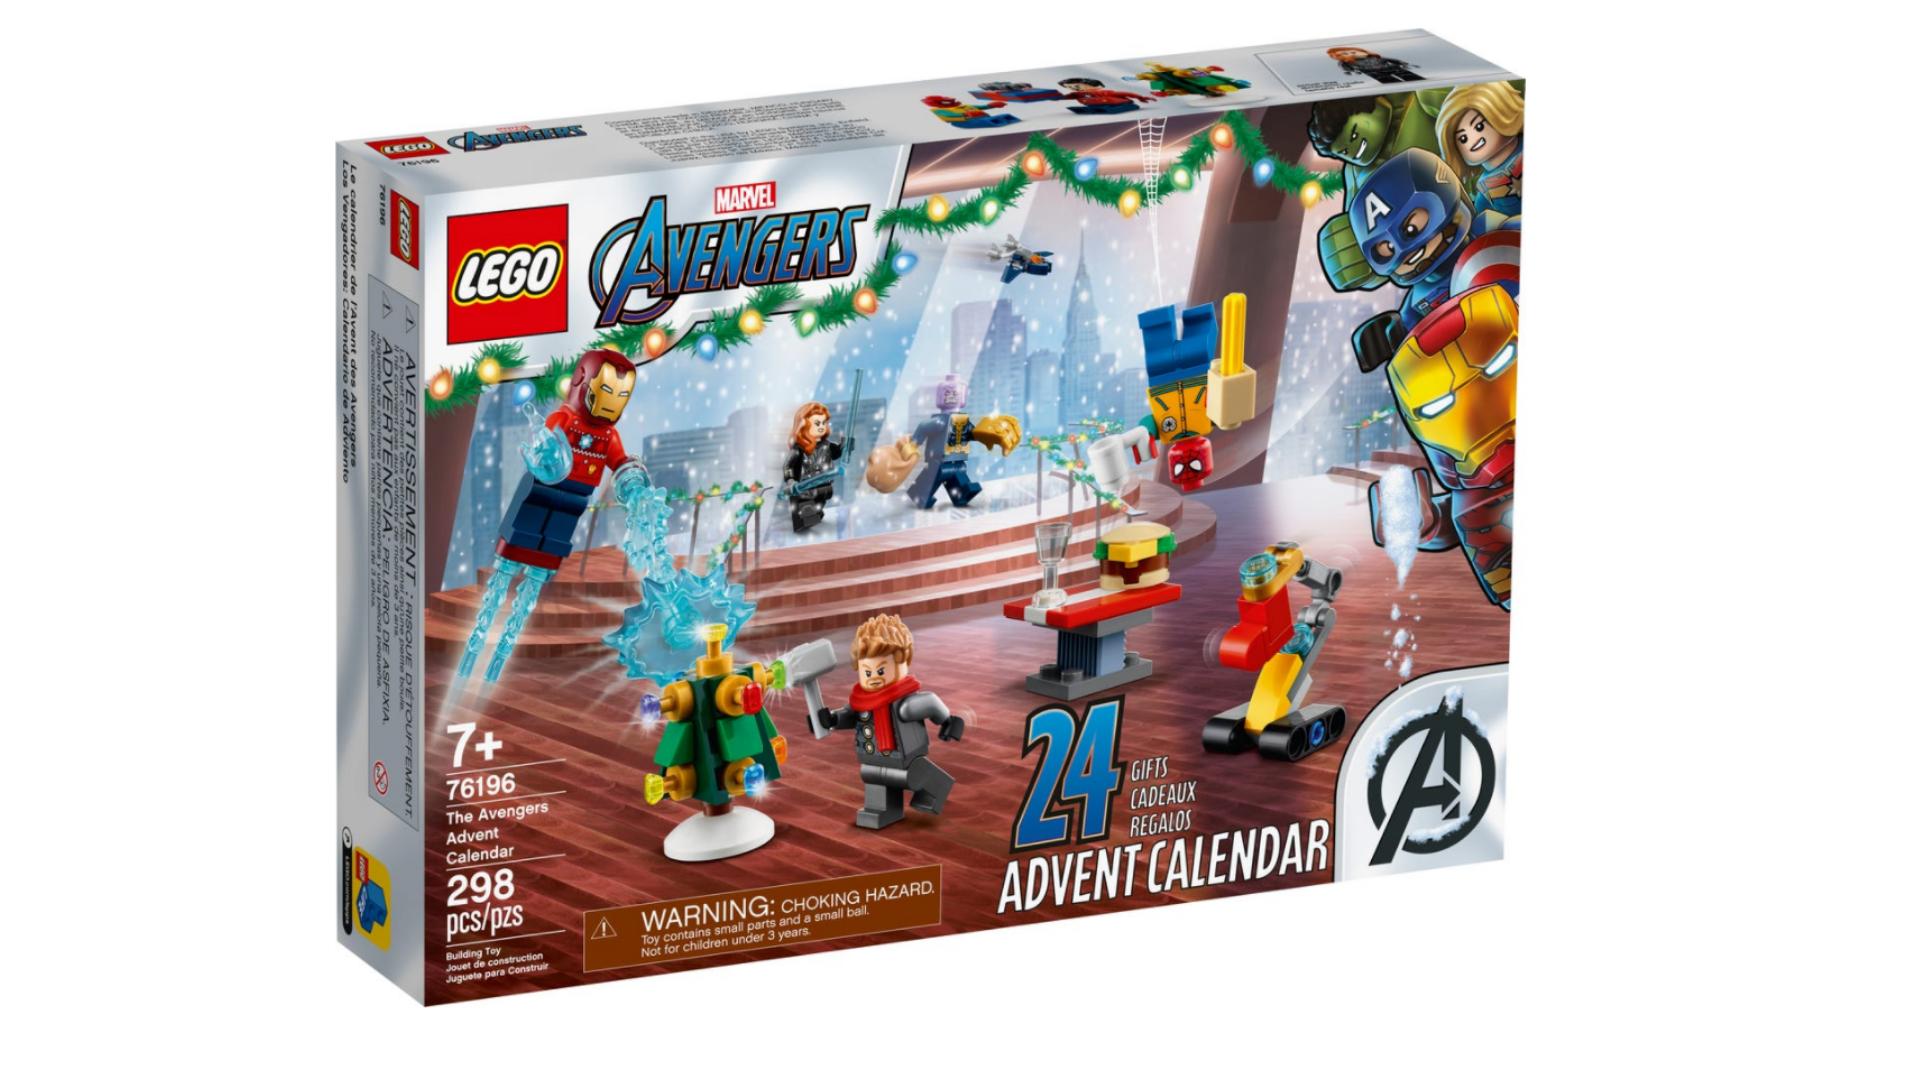 LEGO Marvel calendrier de l'avent 2021